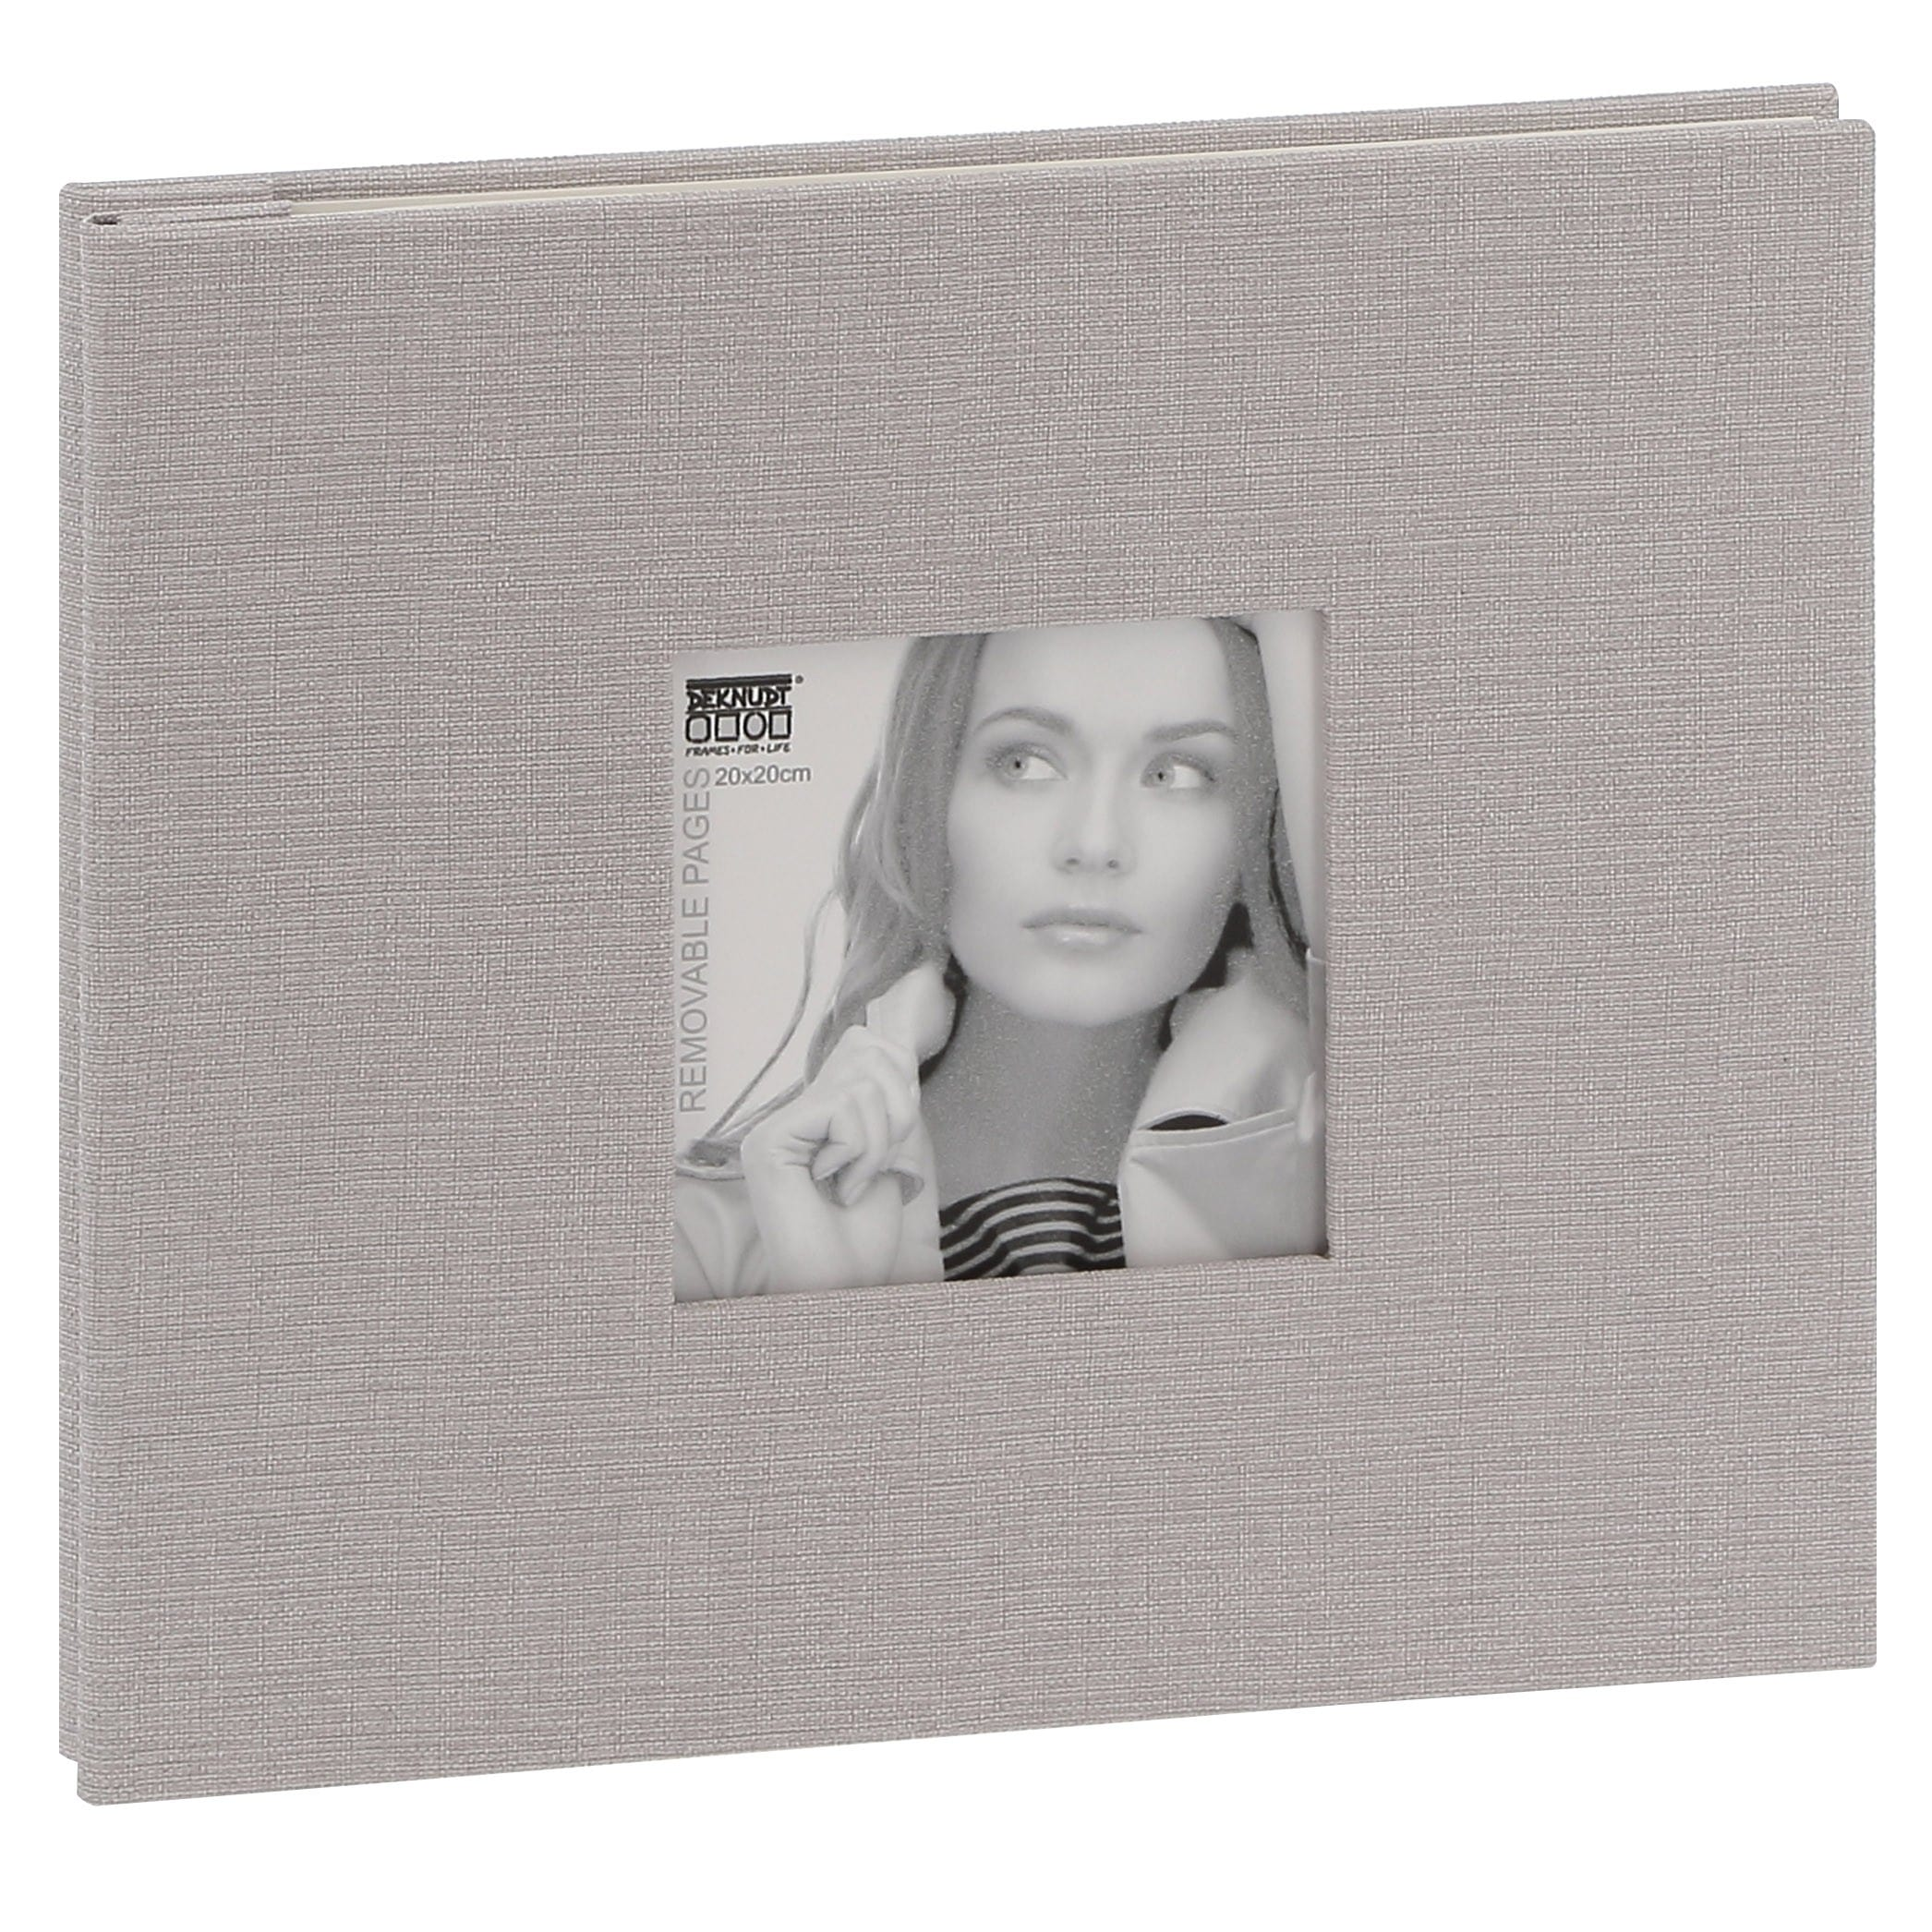 DEKNUDT - Album photo traditionnel - 20 feuilles amovibles - 40 pages blanches - 80 photos - Couverture Grise 24,5x21,5cm + fenêtre